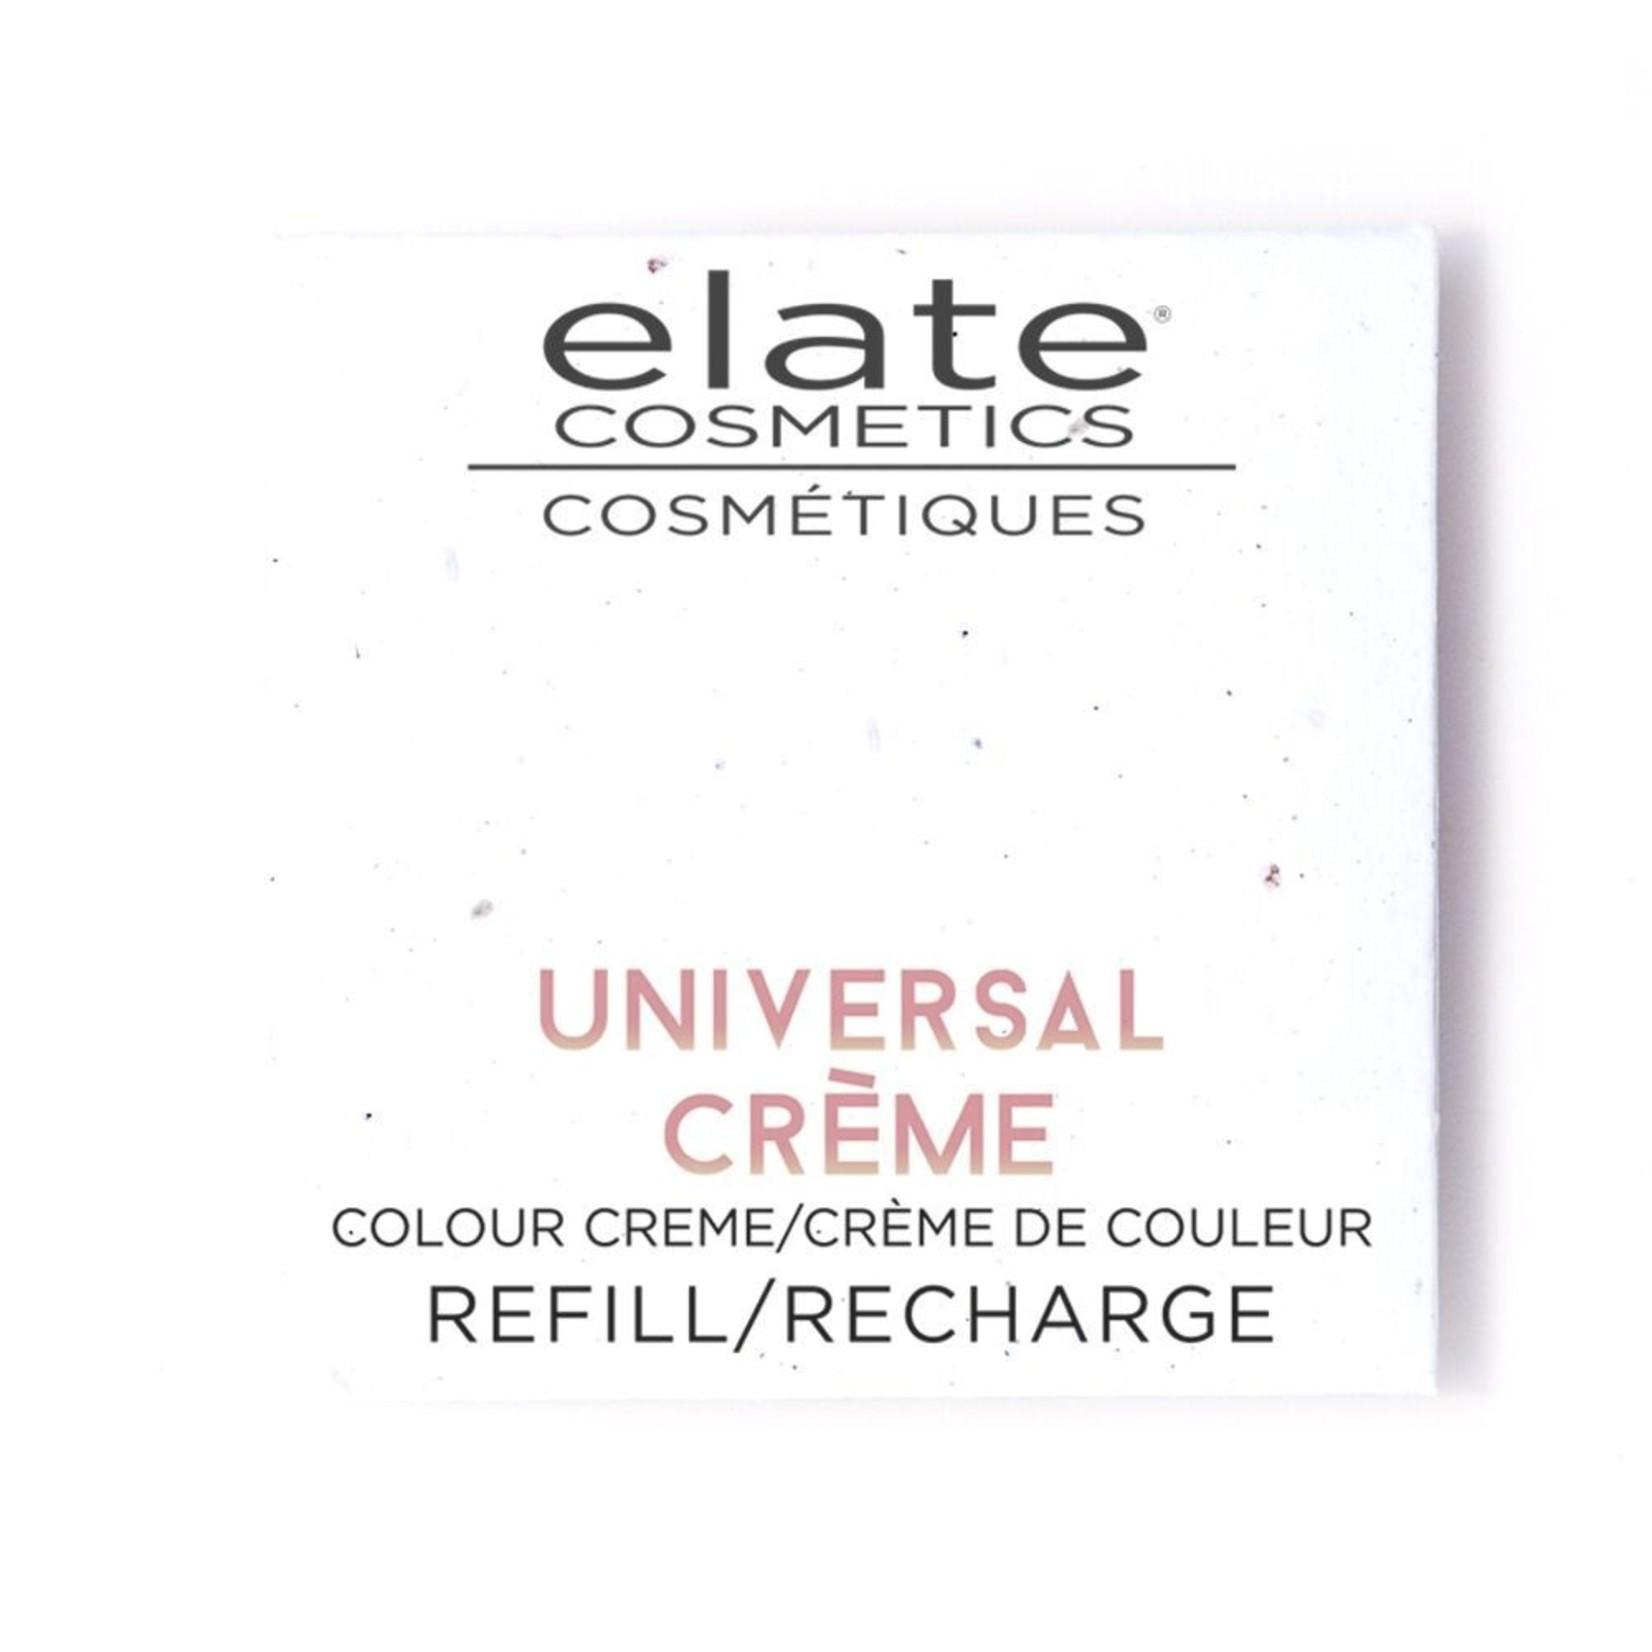 ELATE COSMETICS UNIVERSAL CREME - BASK